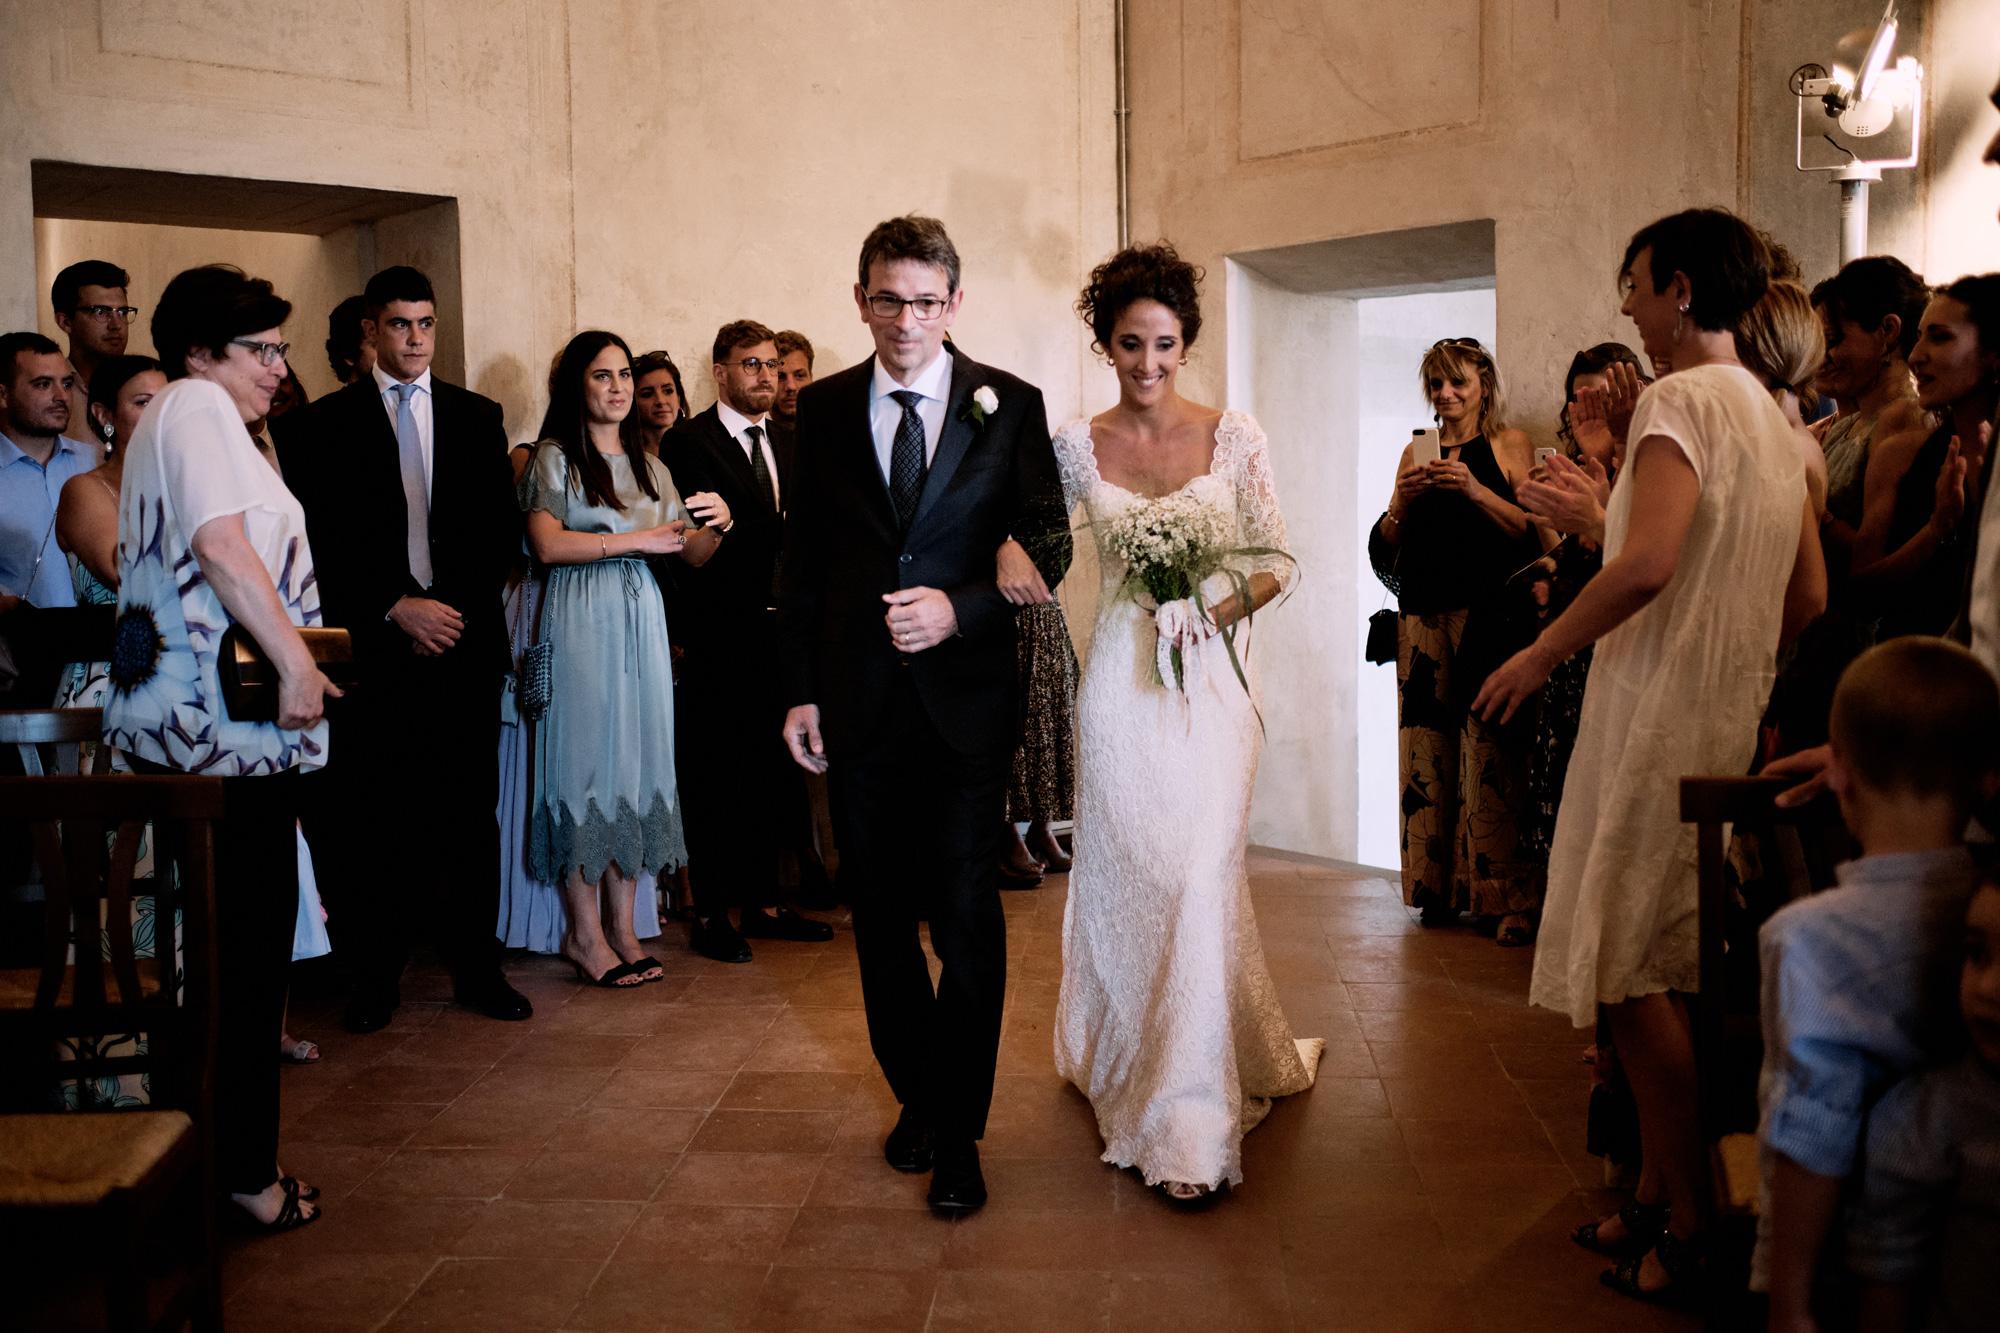 14A-ivano_di_maria_fotografo_matrimonio_ margh_loren